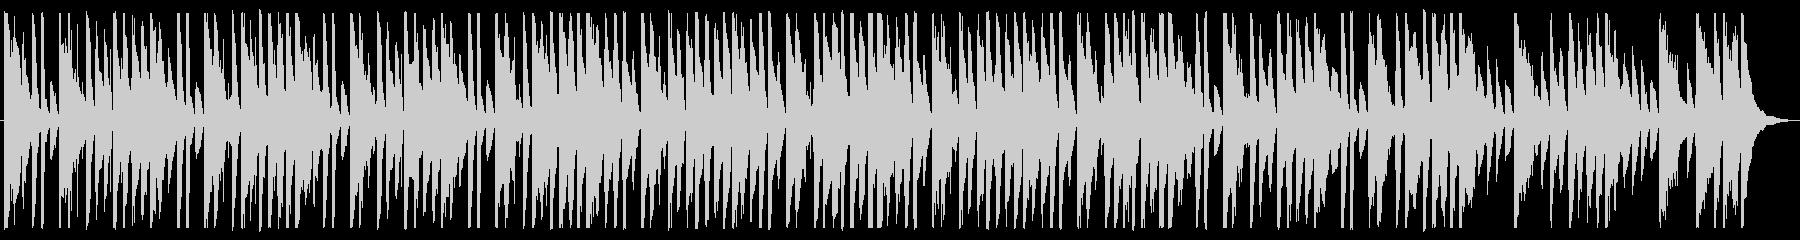 レトロ/アーバン/R&B_No463_5の未再生の波形